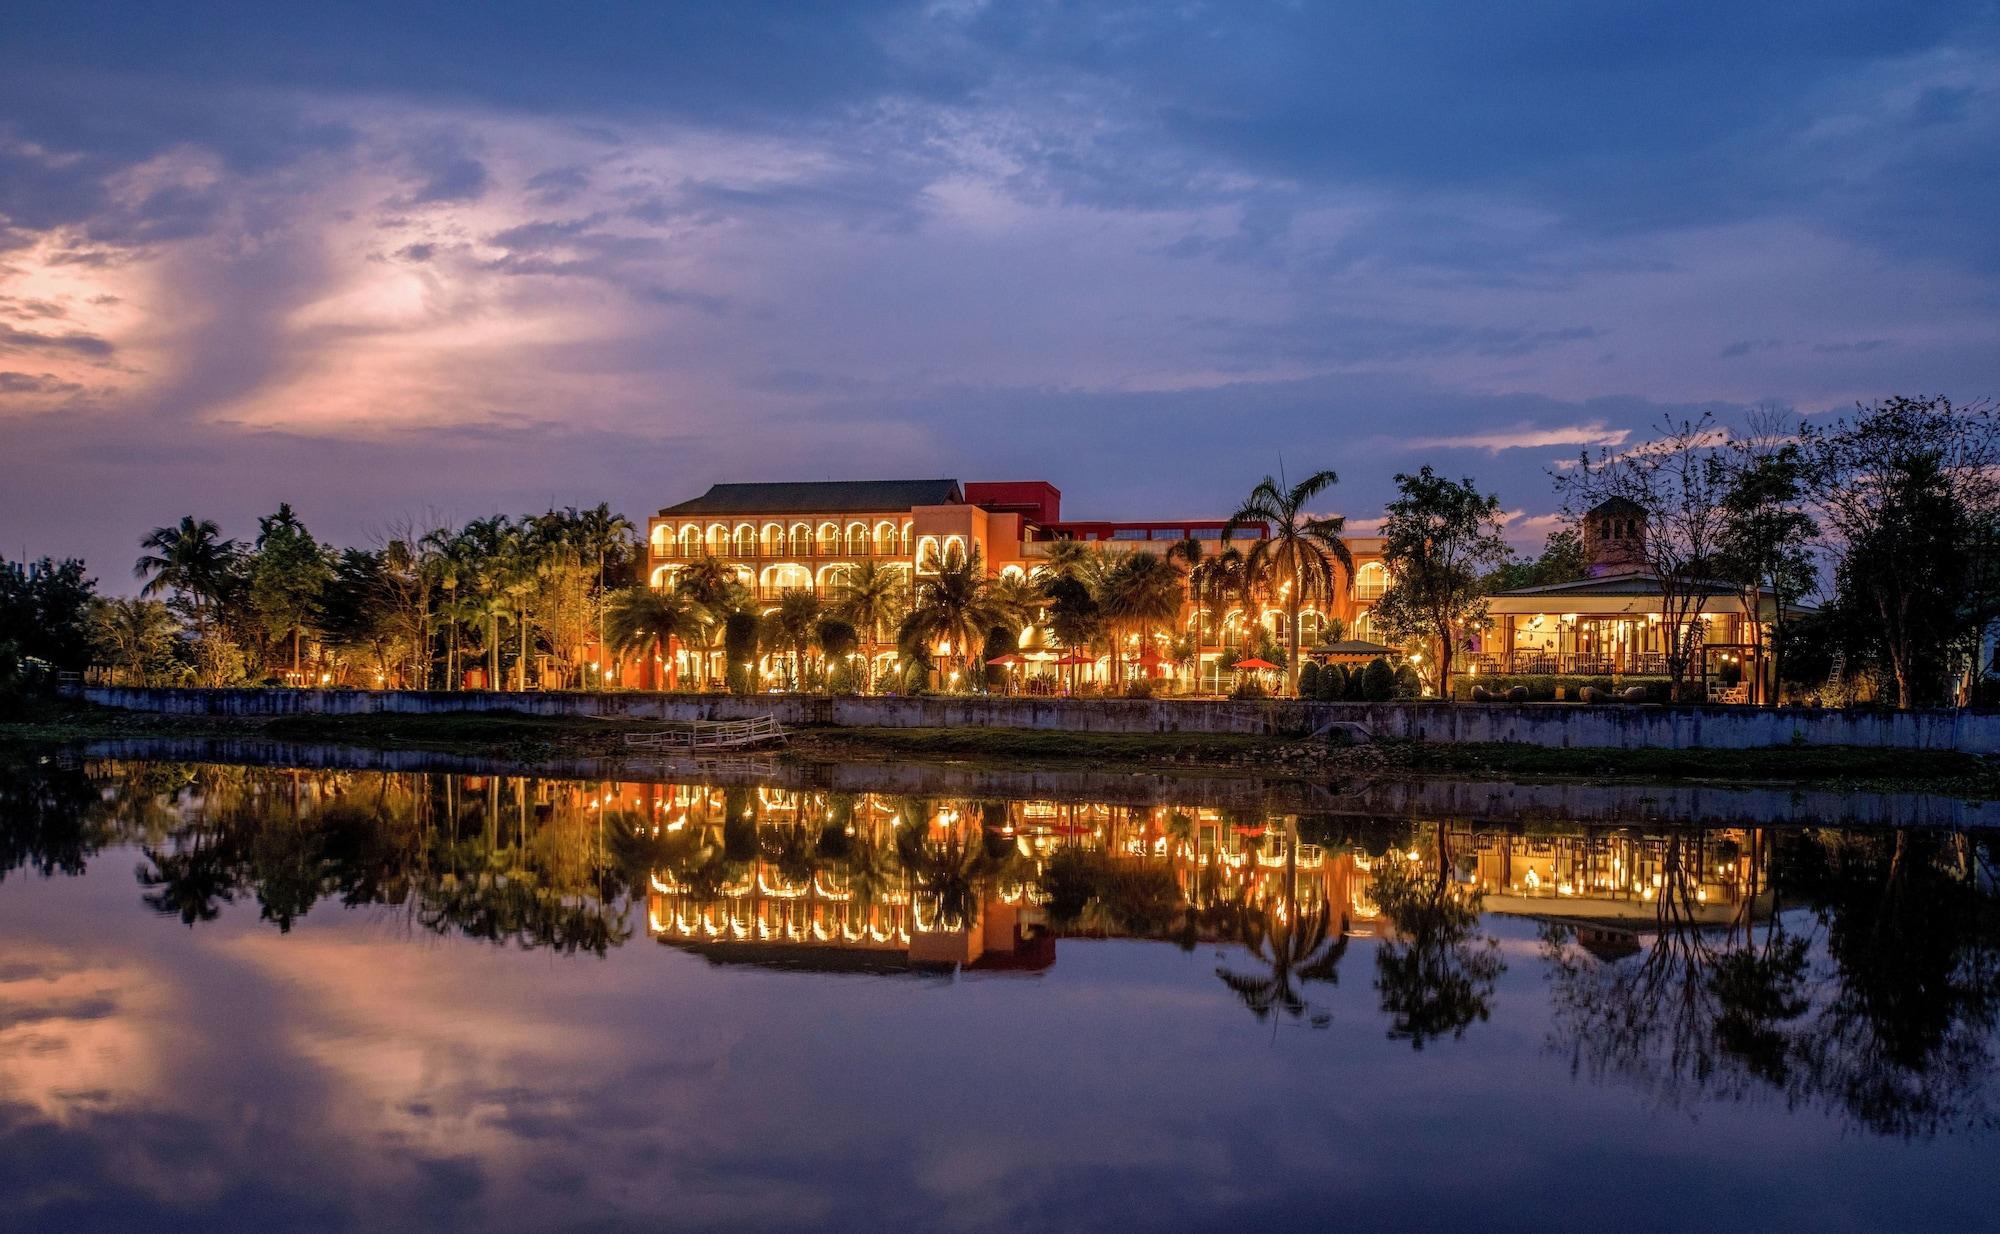 Floral Hotel Sheik Istana Chiangmai, Muang Chiang Mai